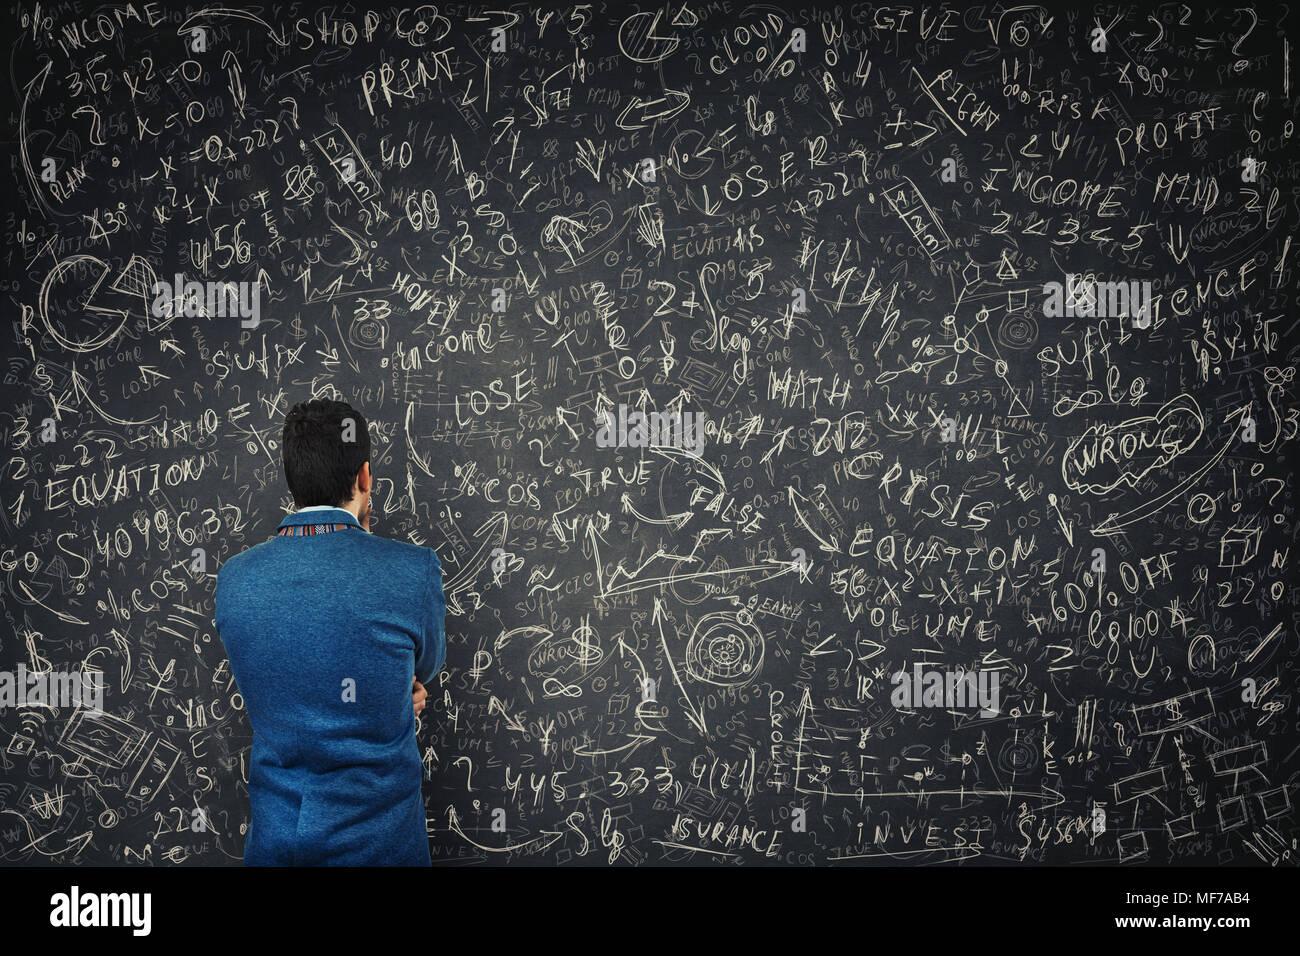 Vista posteriore di un imprenditore perplesso di fronte a un enorme blackboard tentare di risolvere hard matematica di calcolo, formula ed equazioni. Il pensiero di progetto Immagini Stock